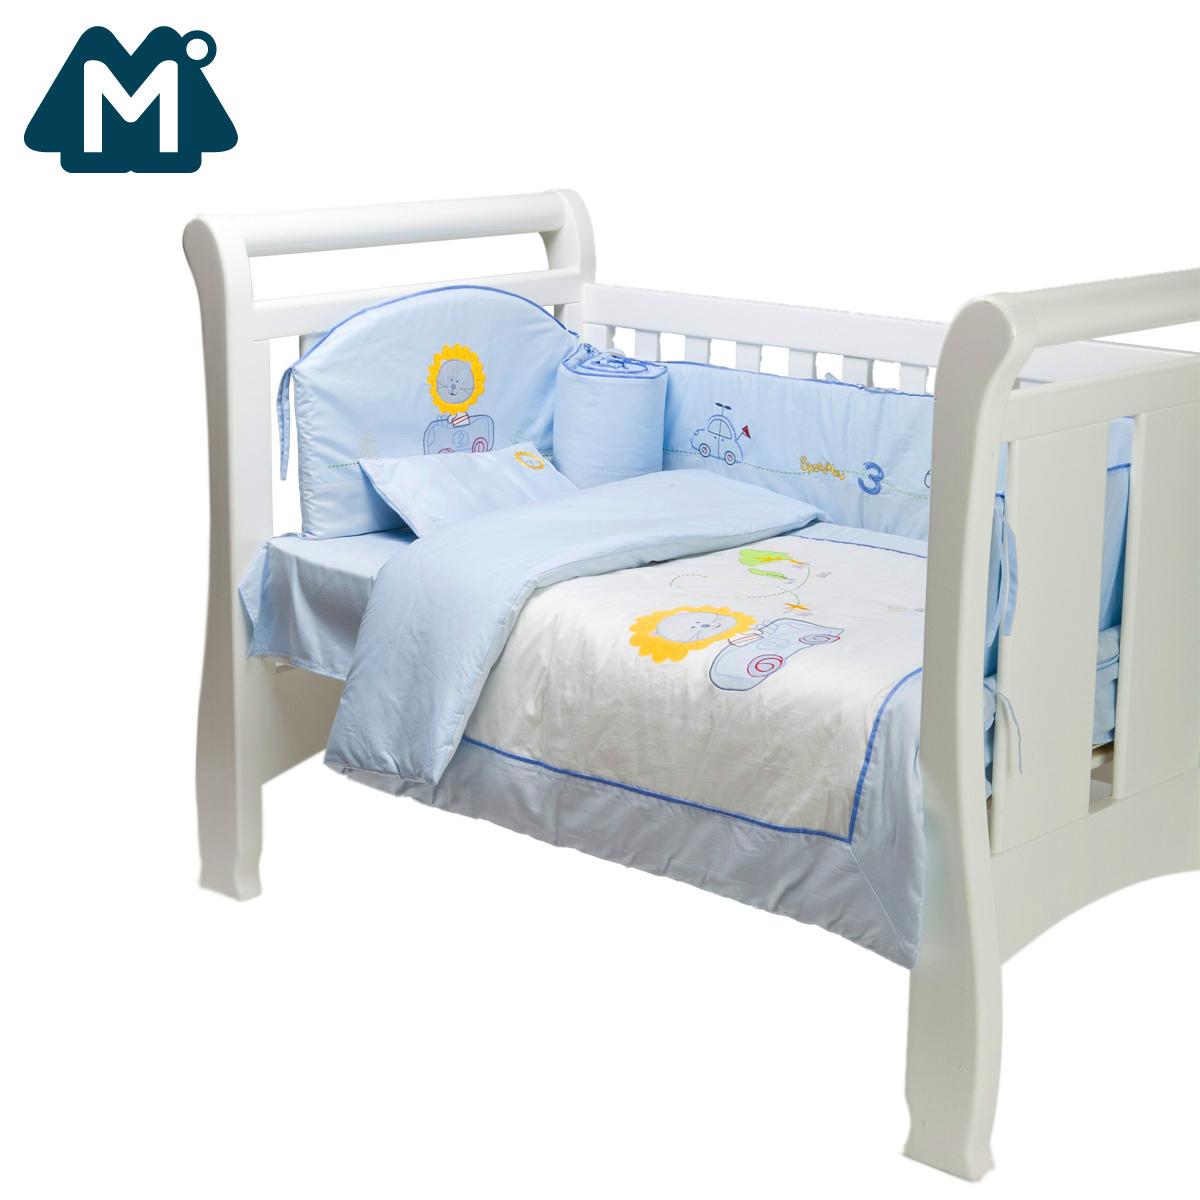 Постельный комплект для детей Mini balabala 53339131901 платье mini balabala 52262140621